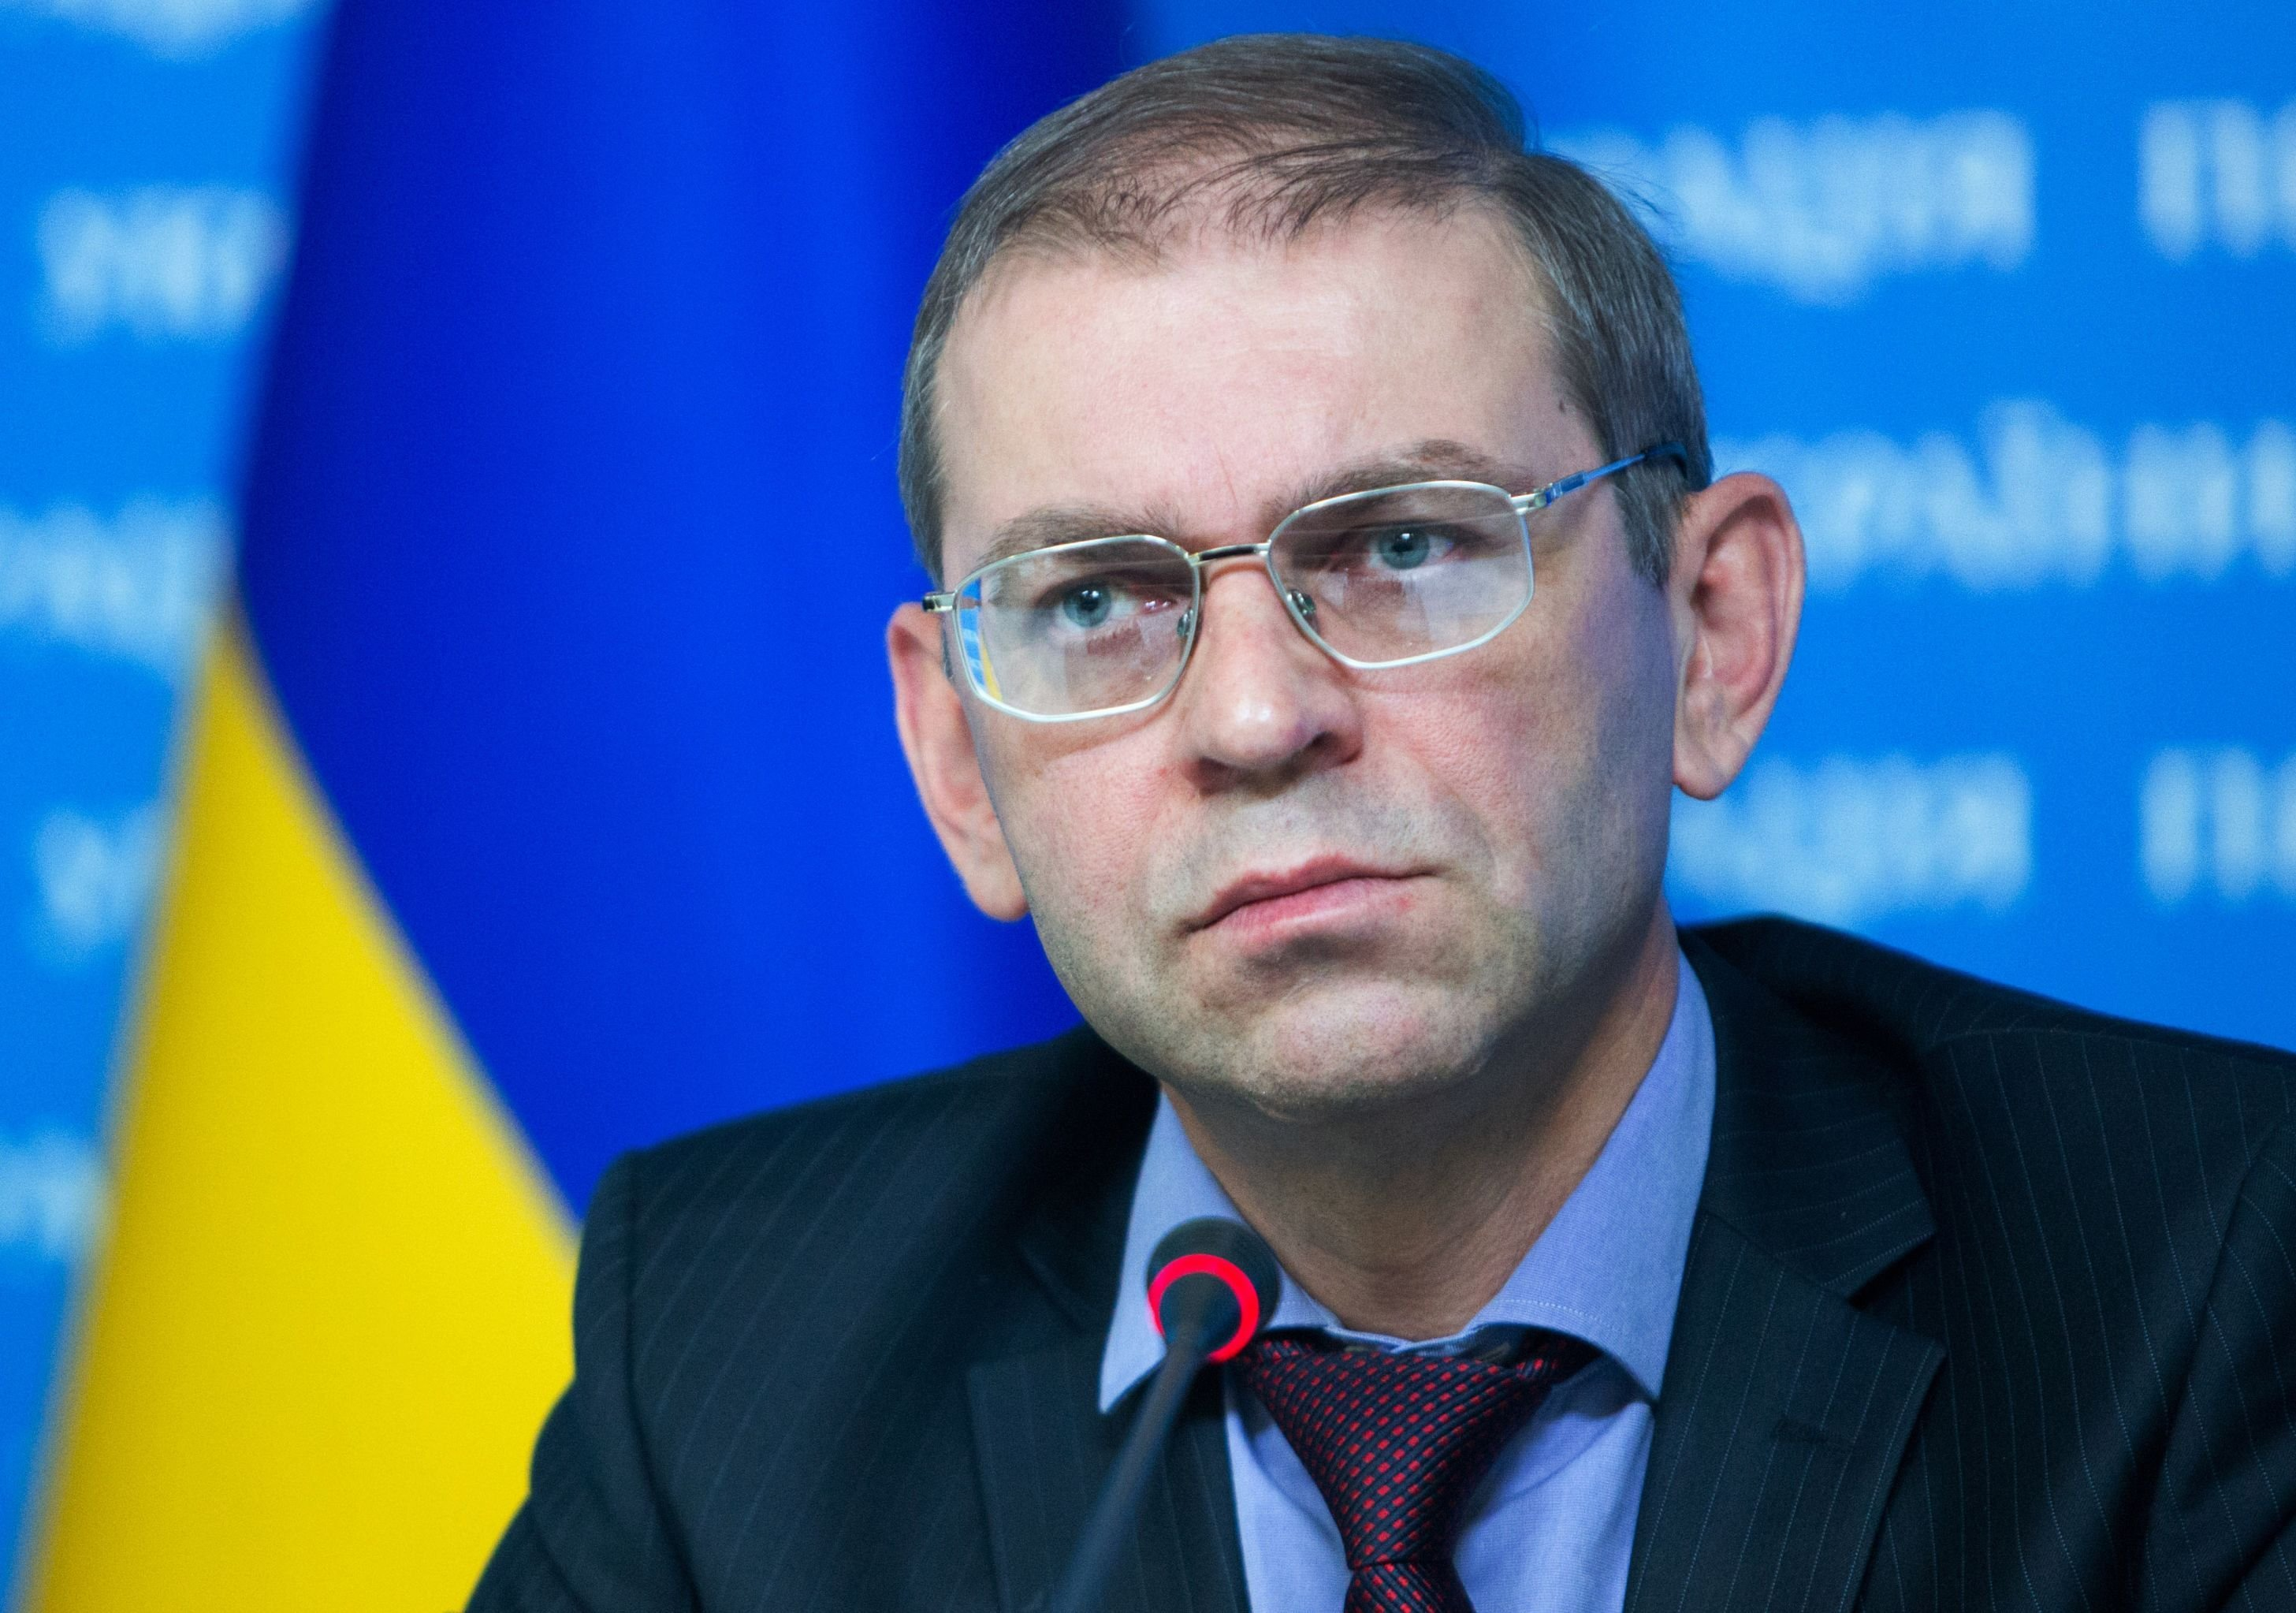 Sergei Pashinsky